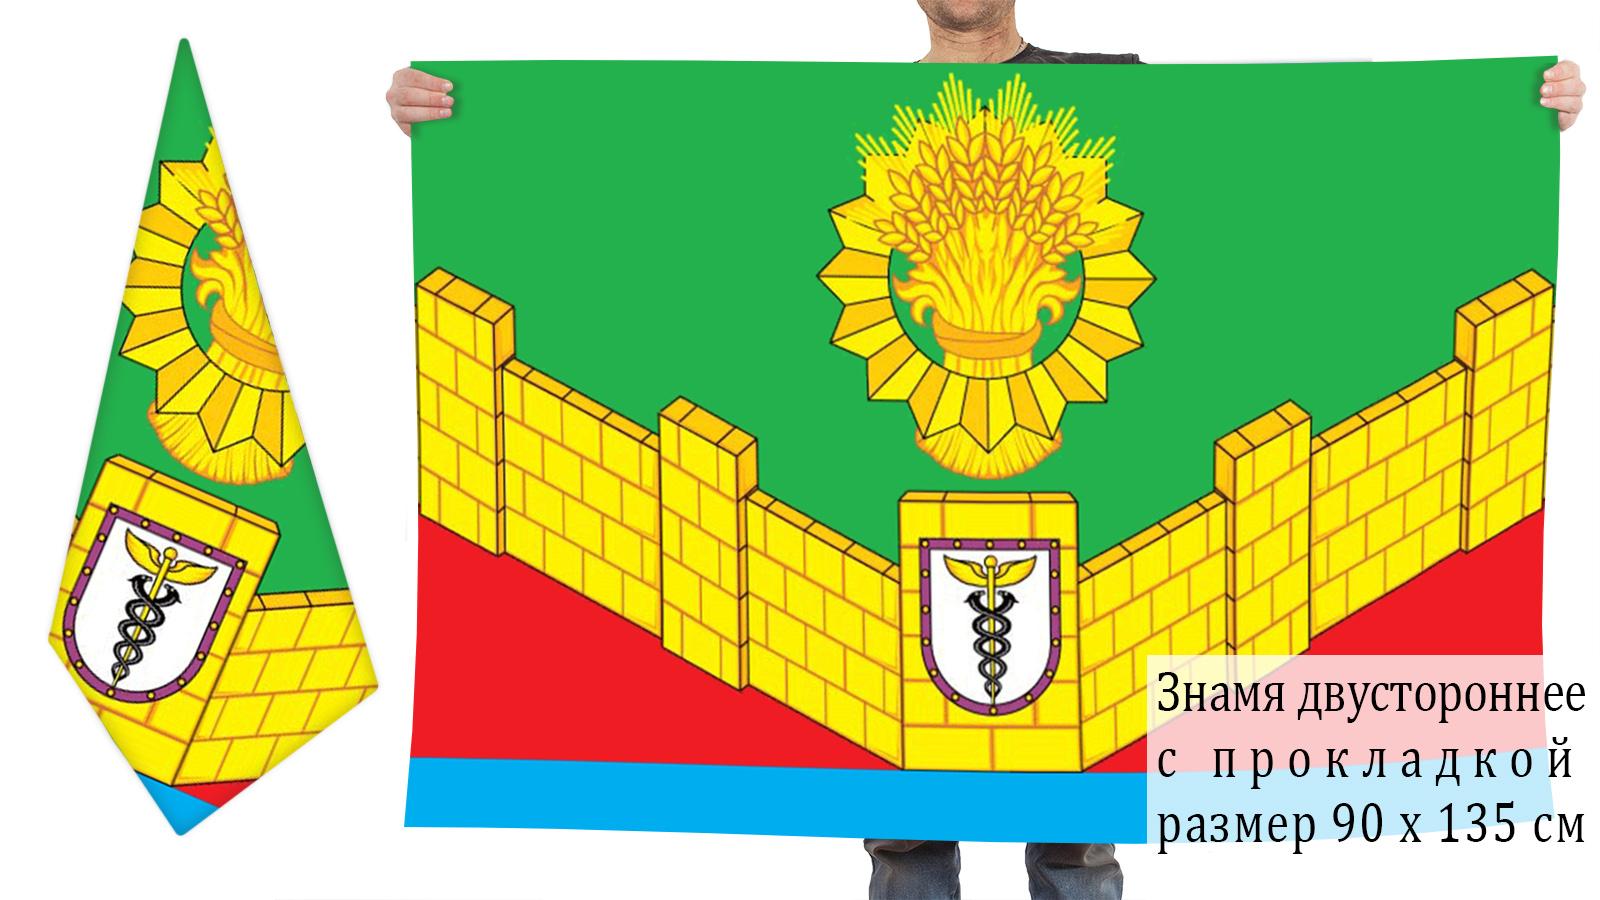 Двусторонний флаг Тбилисского сельского поселения